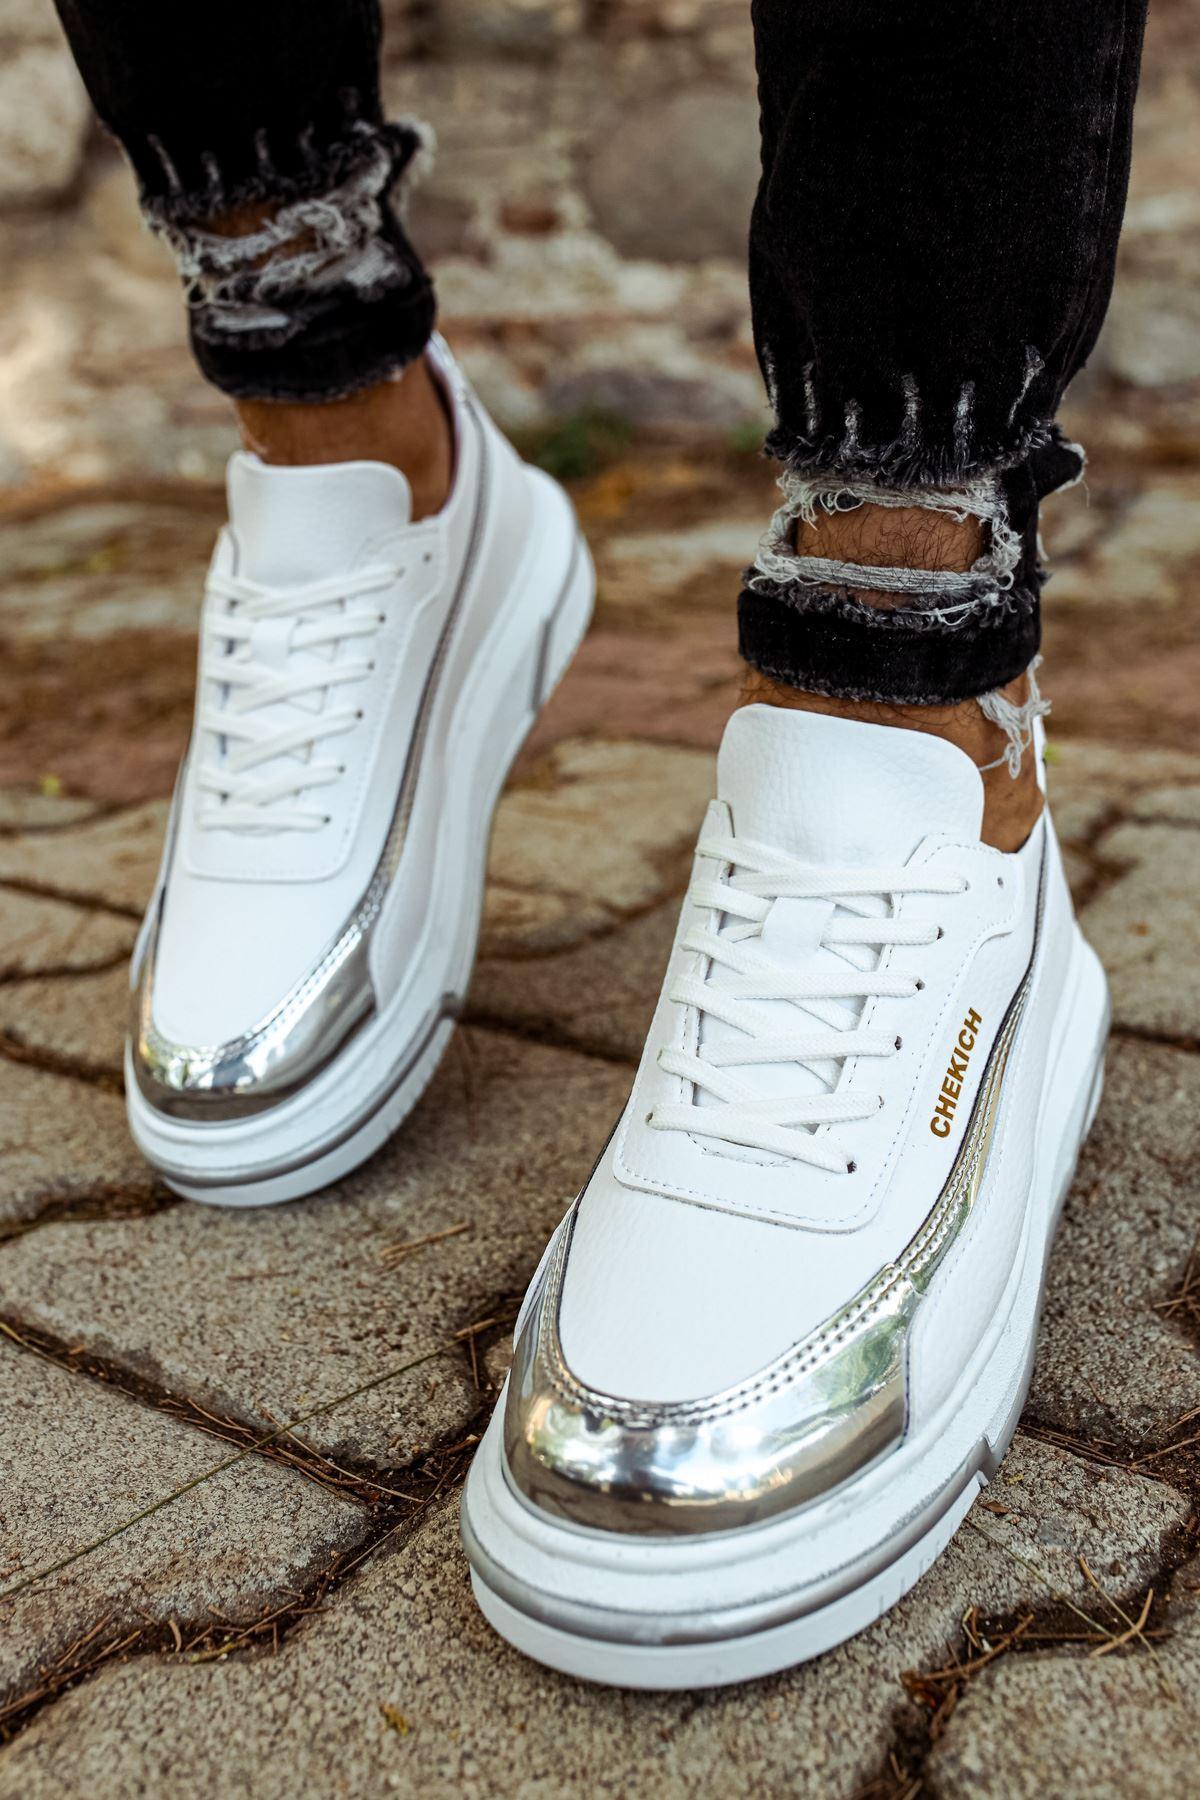 Chekich CH041 BT Erkek Ayakkabı BEYAZ / GÜMÜS